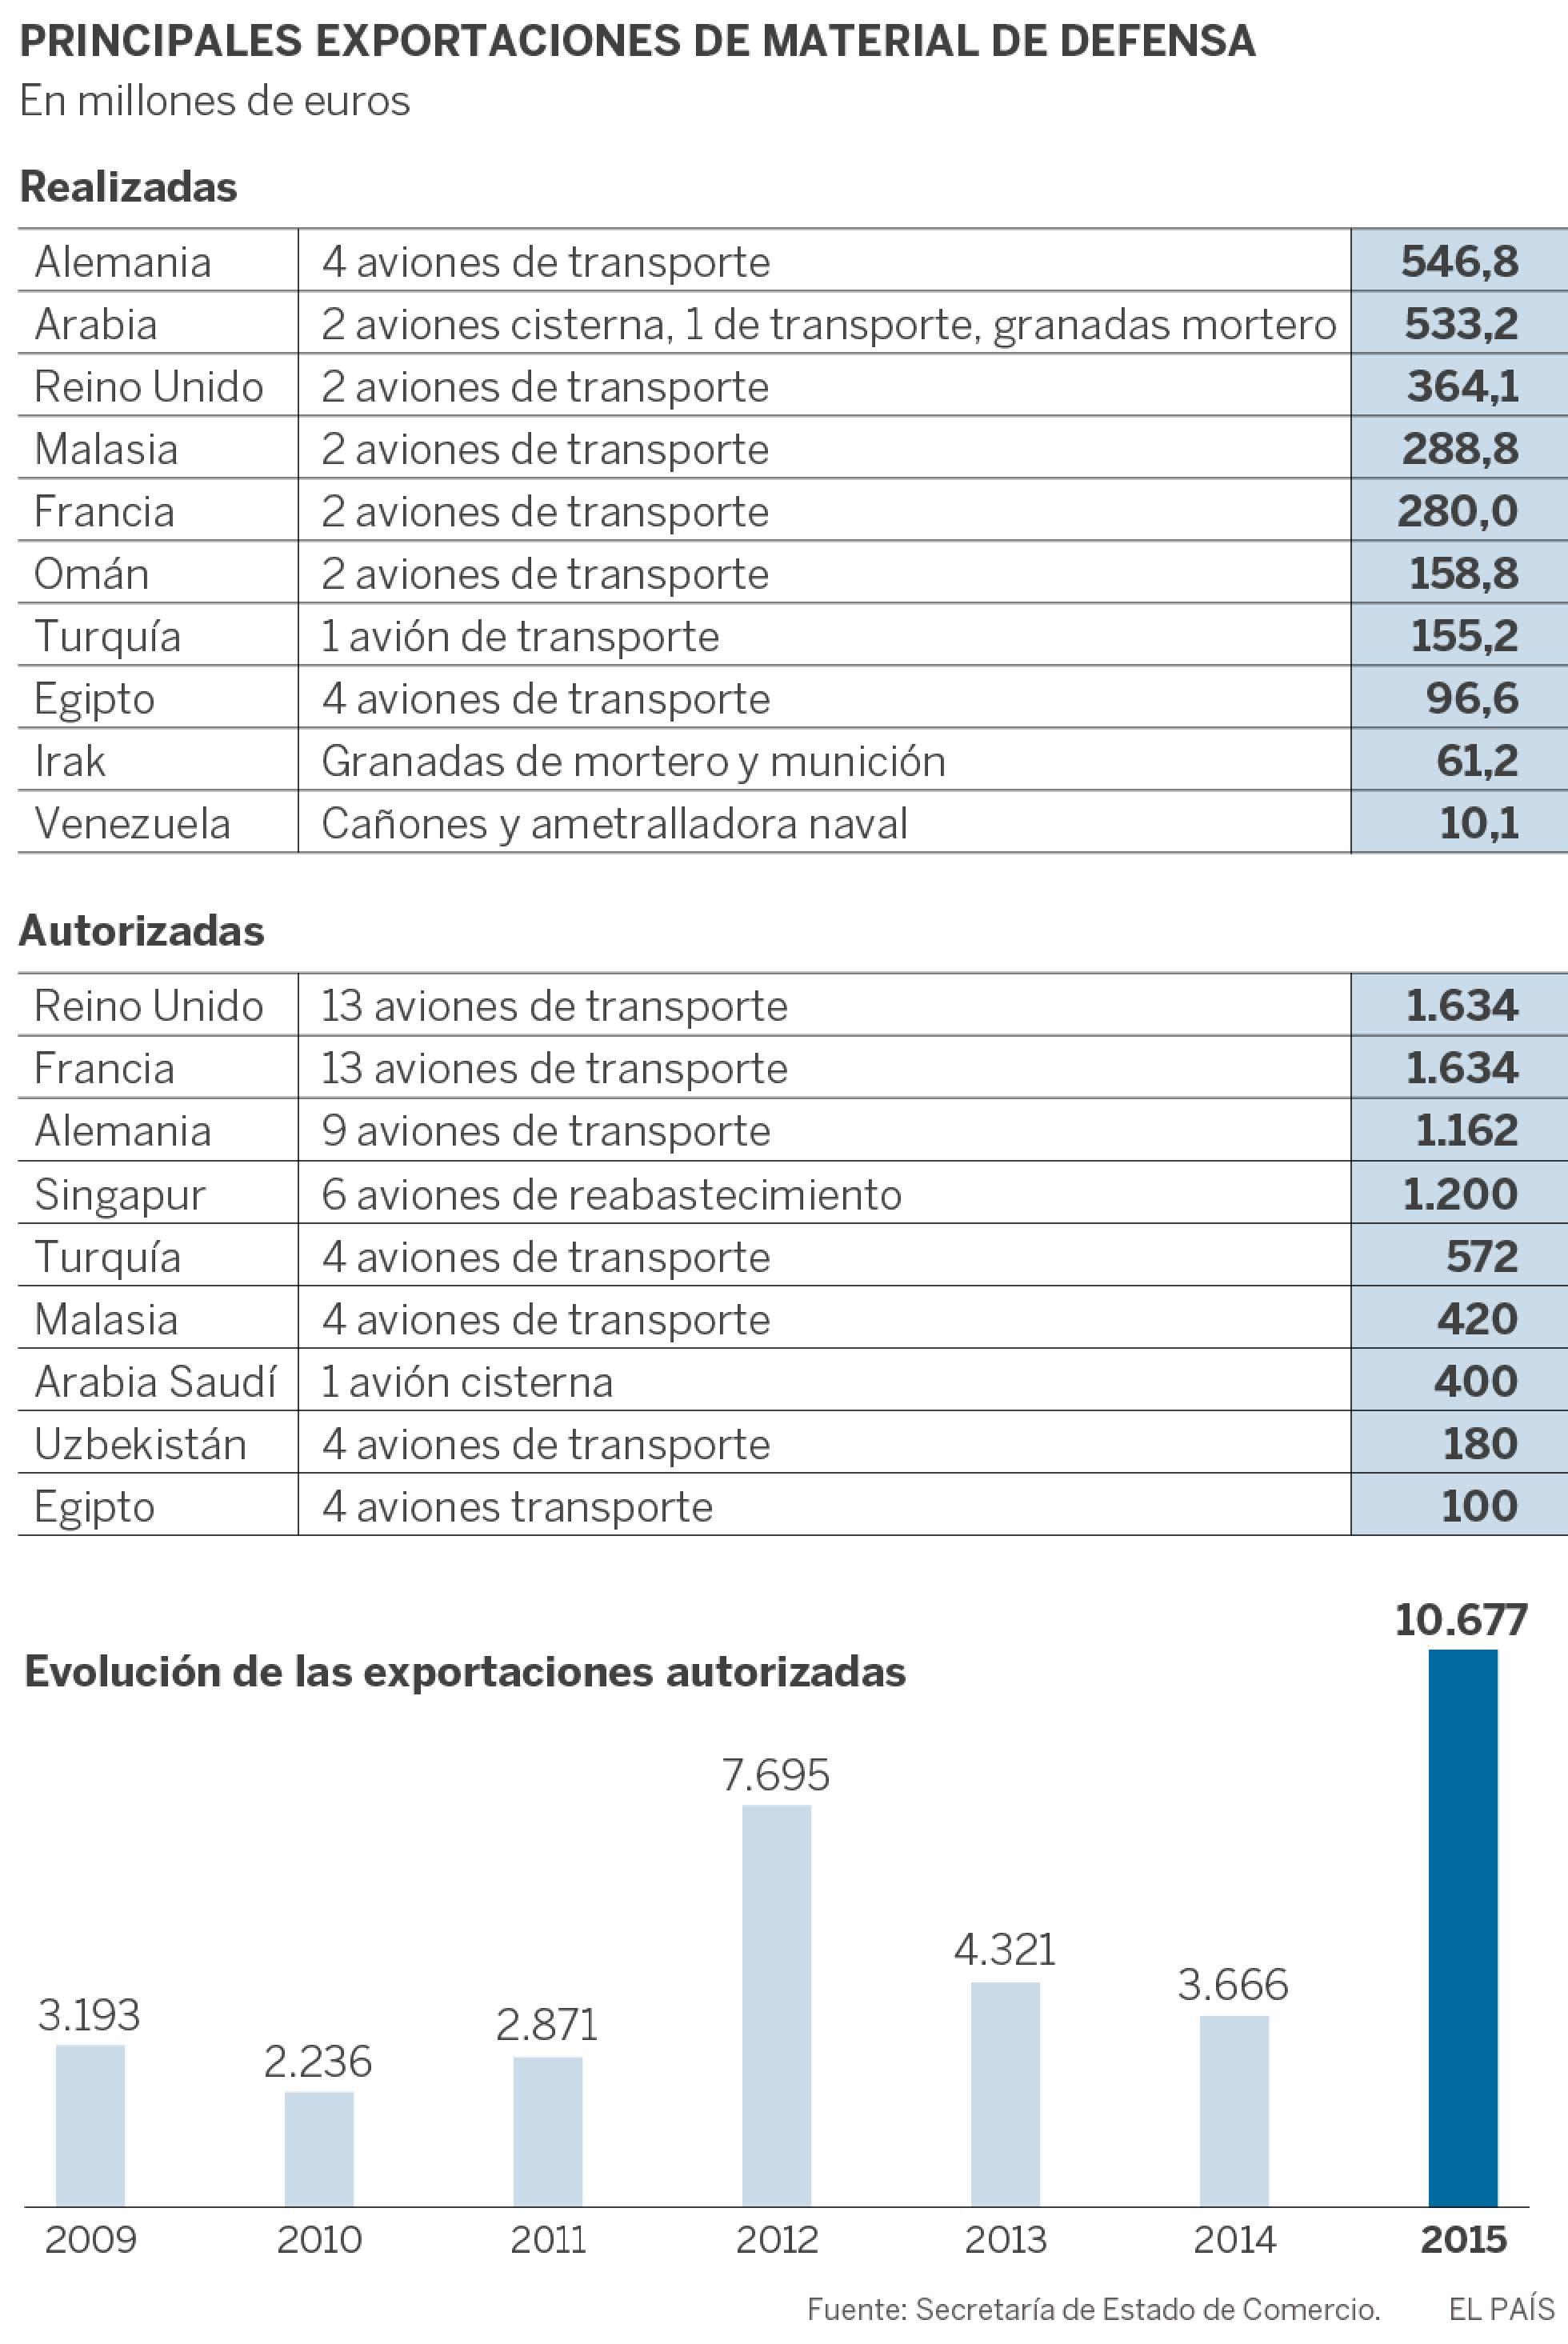 España: Industria militar y exportación de armas. Imperialismo capitalista y pacifismo... del otro lado. - Página 2 1469978966_811921_1469982711_sumario_normal_recorte1